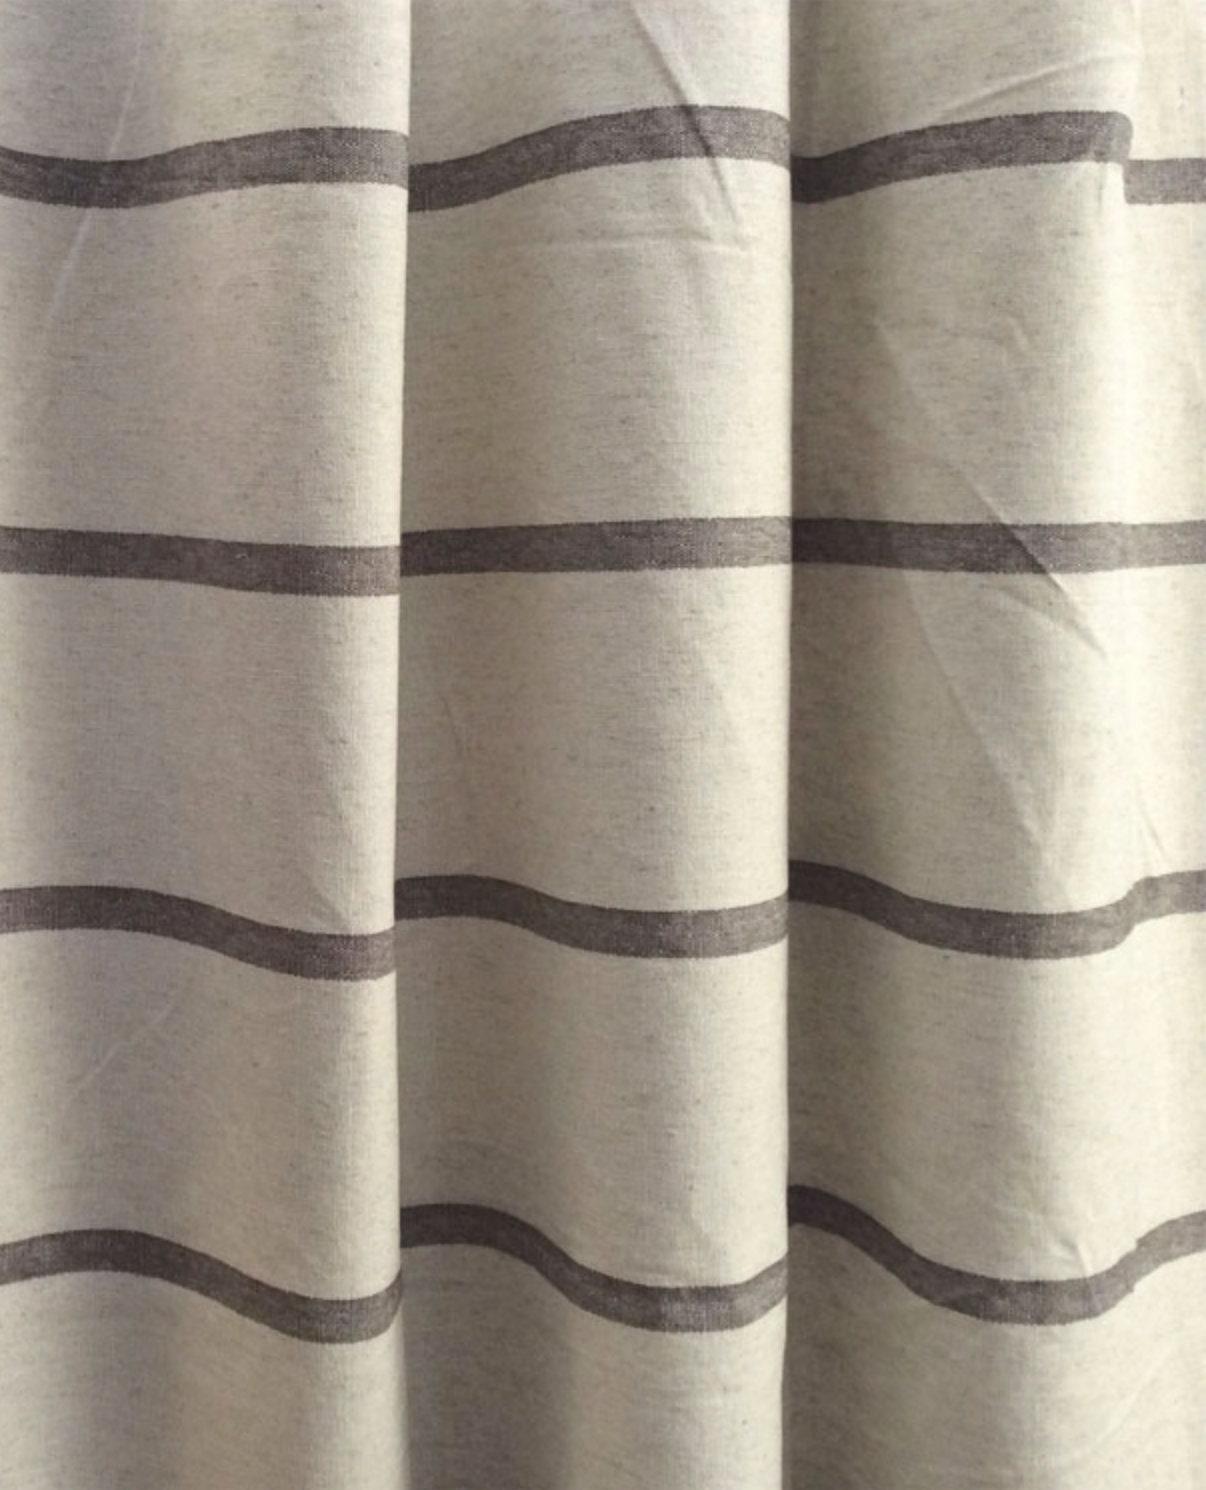 Modern Farmhouse Shower Curtain Stripe Brown Stripe Brown Ticking Striped Fabric Shower Curtain Shower Curtain Extra Long Extra Wide Linen